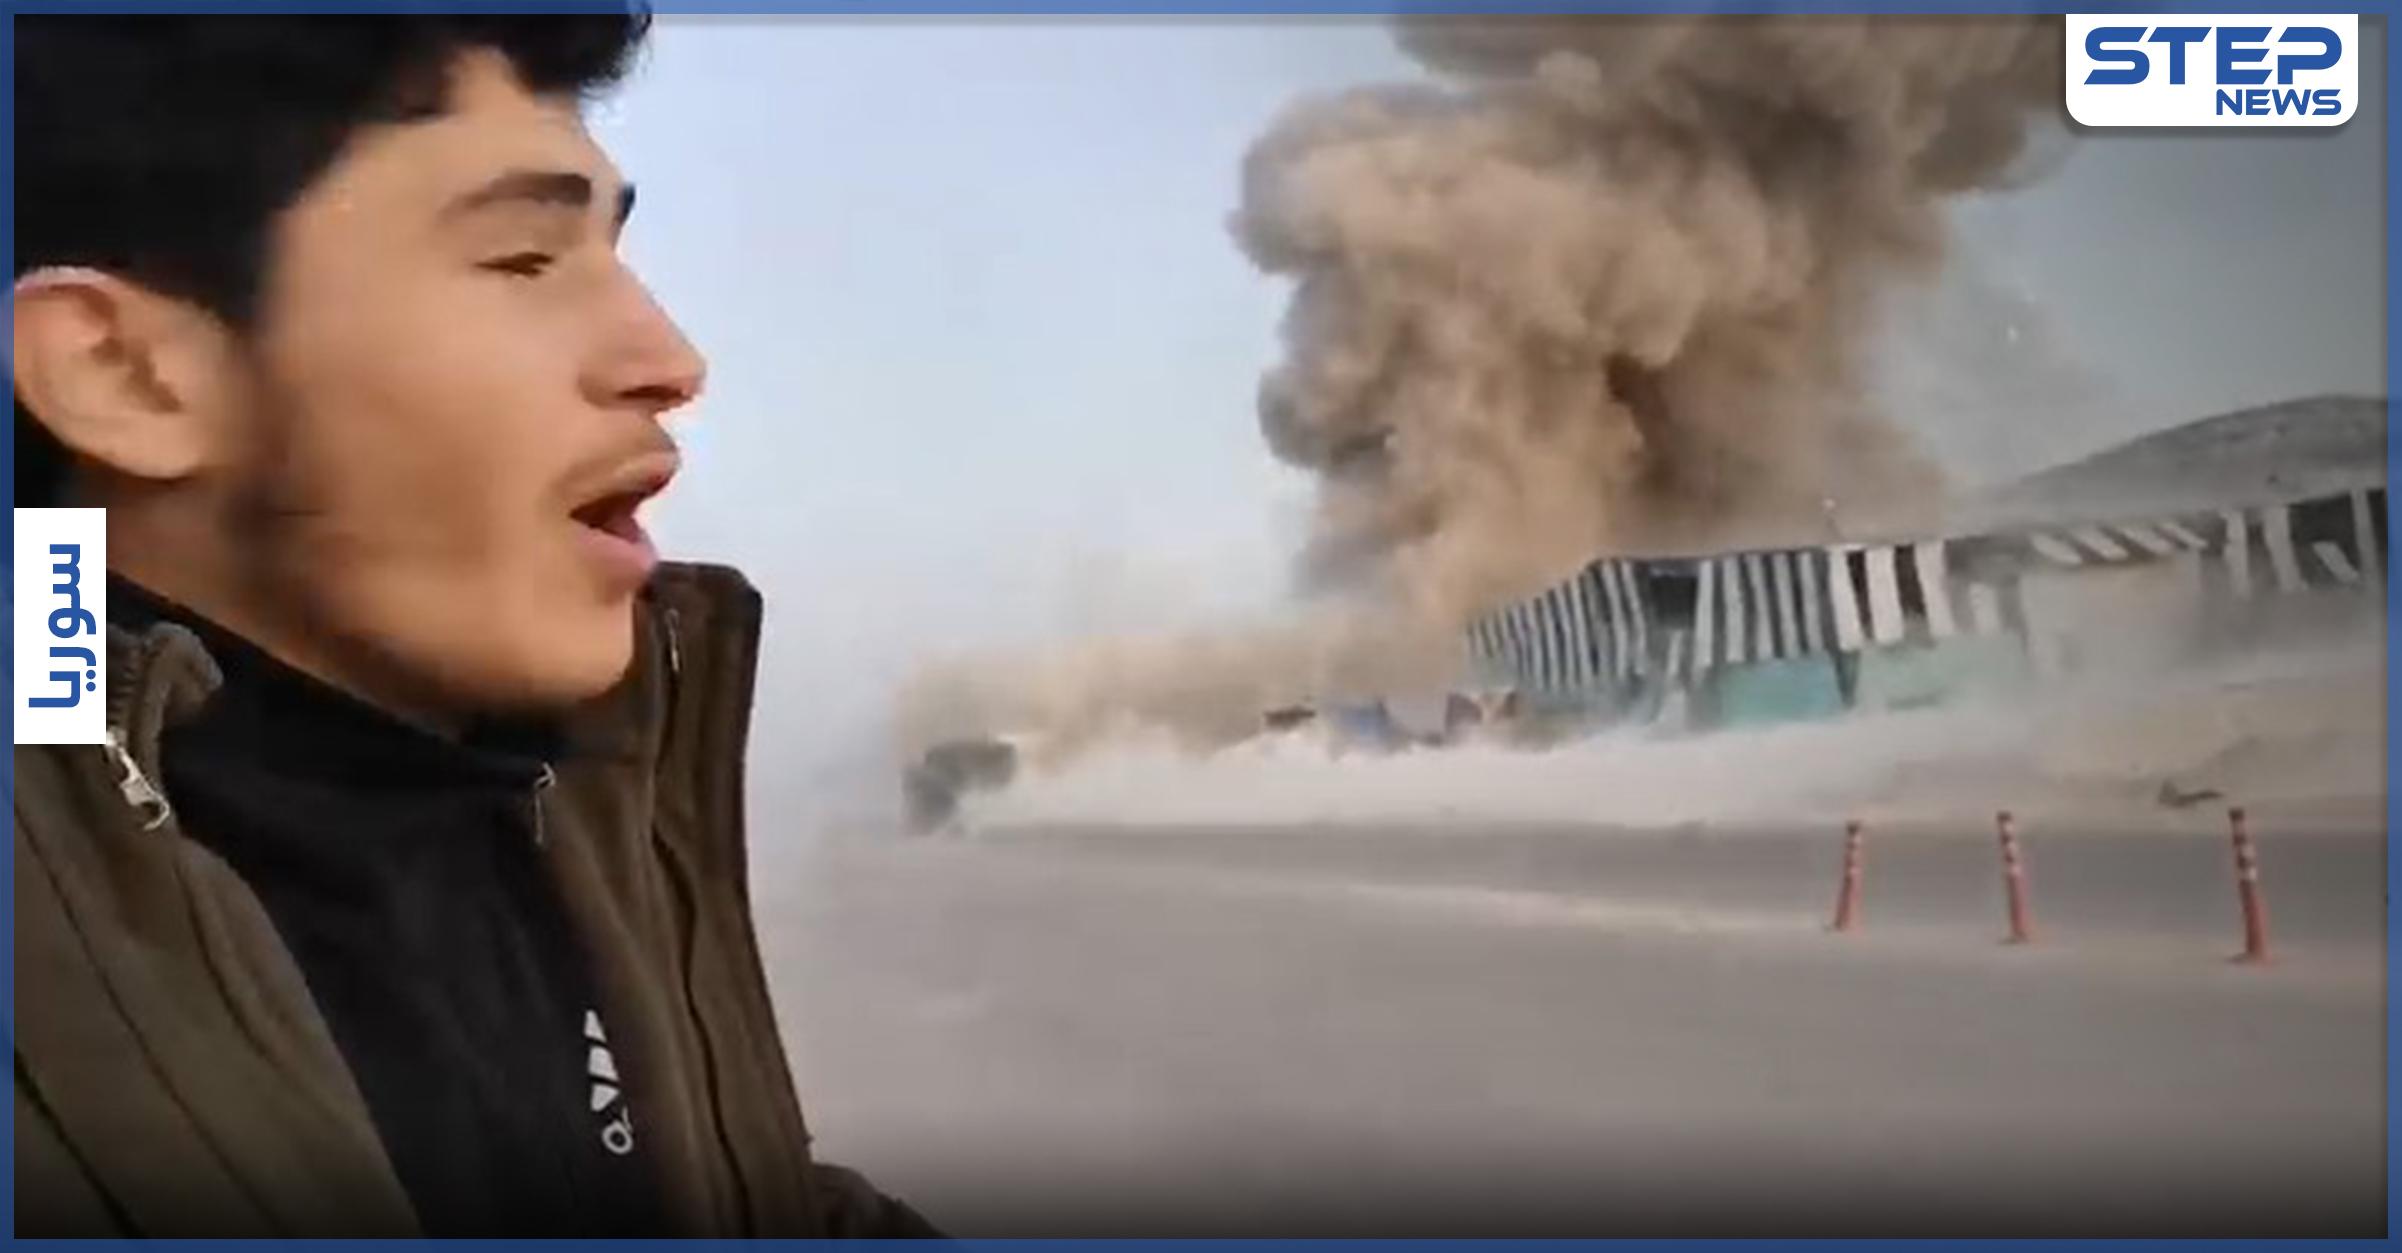 بالفيديو || تصعيد روسي على إدلب بصواريخ بالستية وقصف جوّي, فإليك أبرز النقاط المُستهدفة!